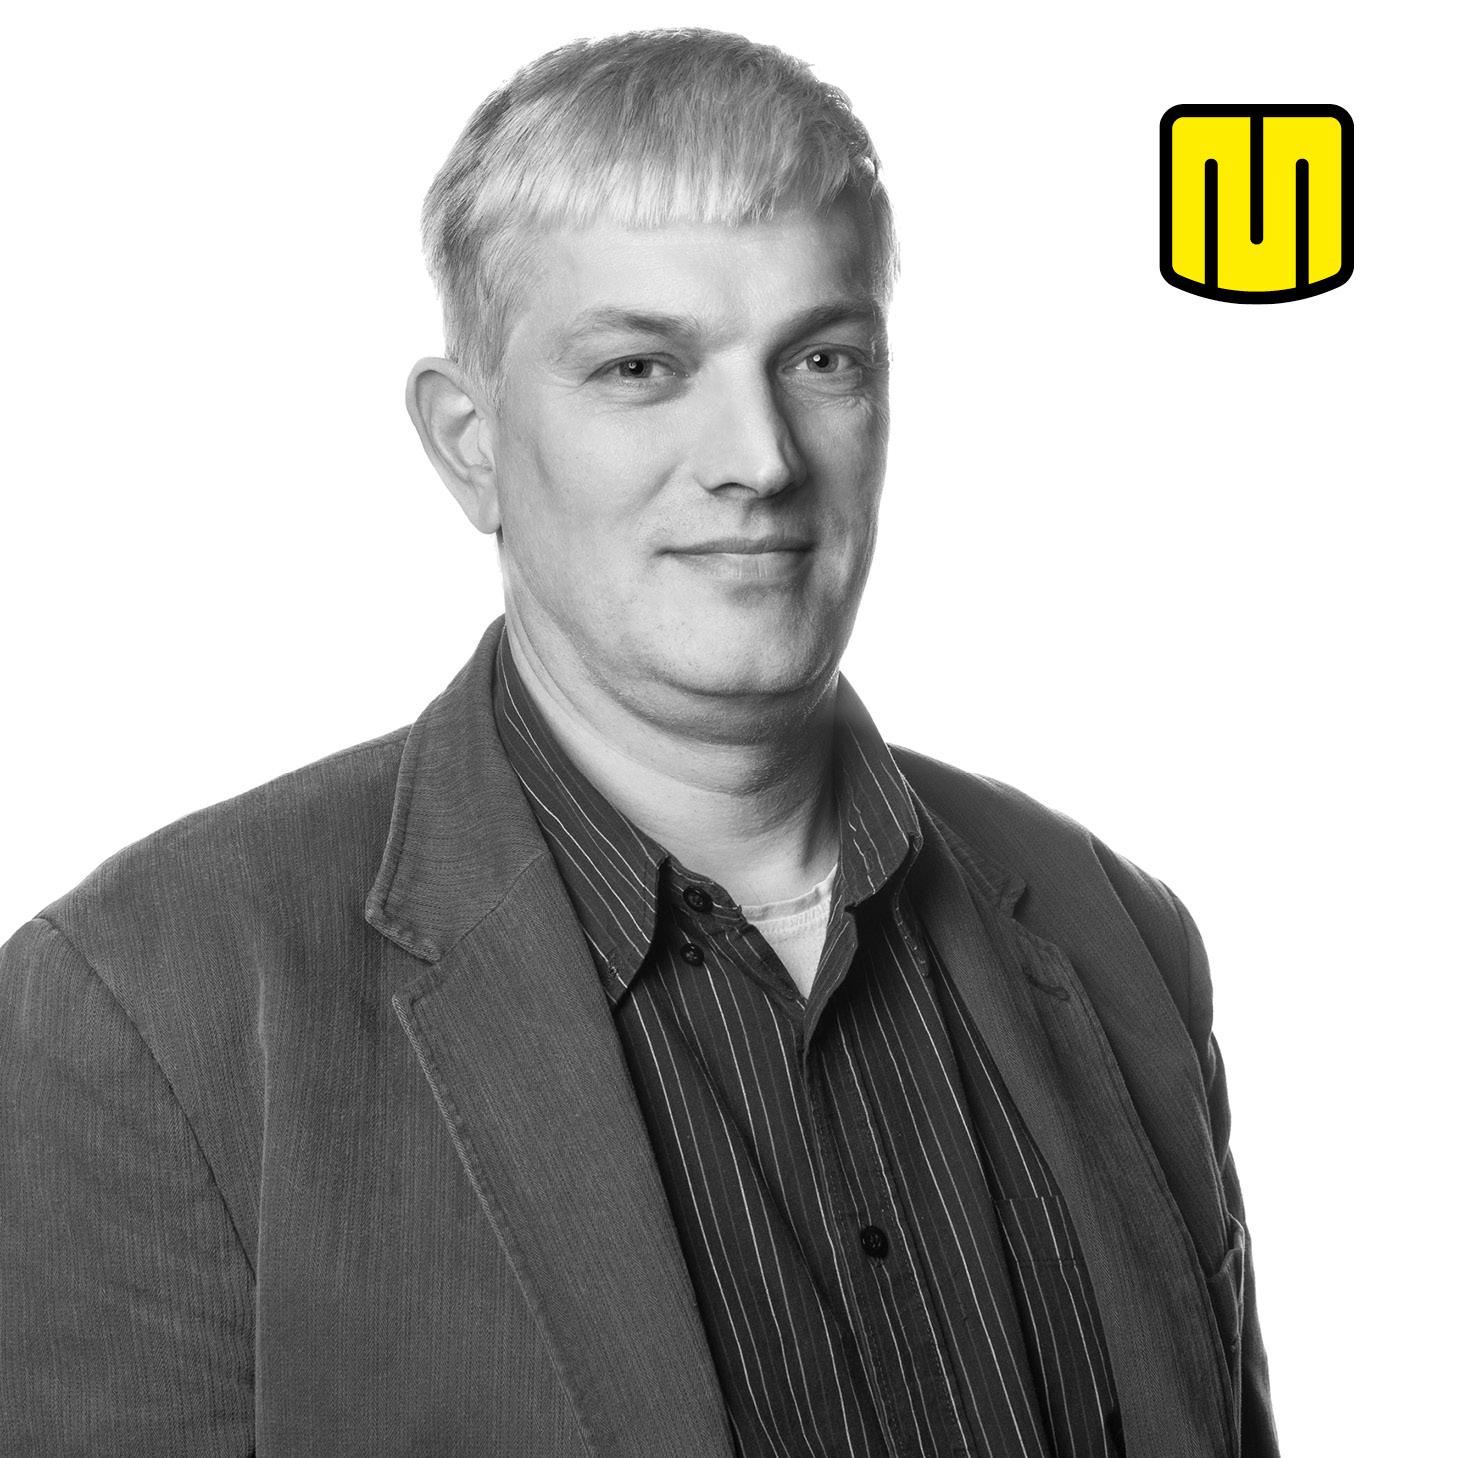 Dirk Hoogers